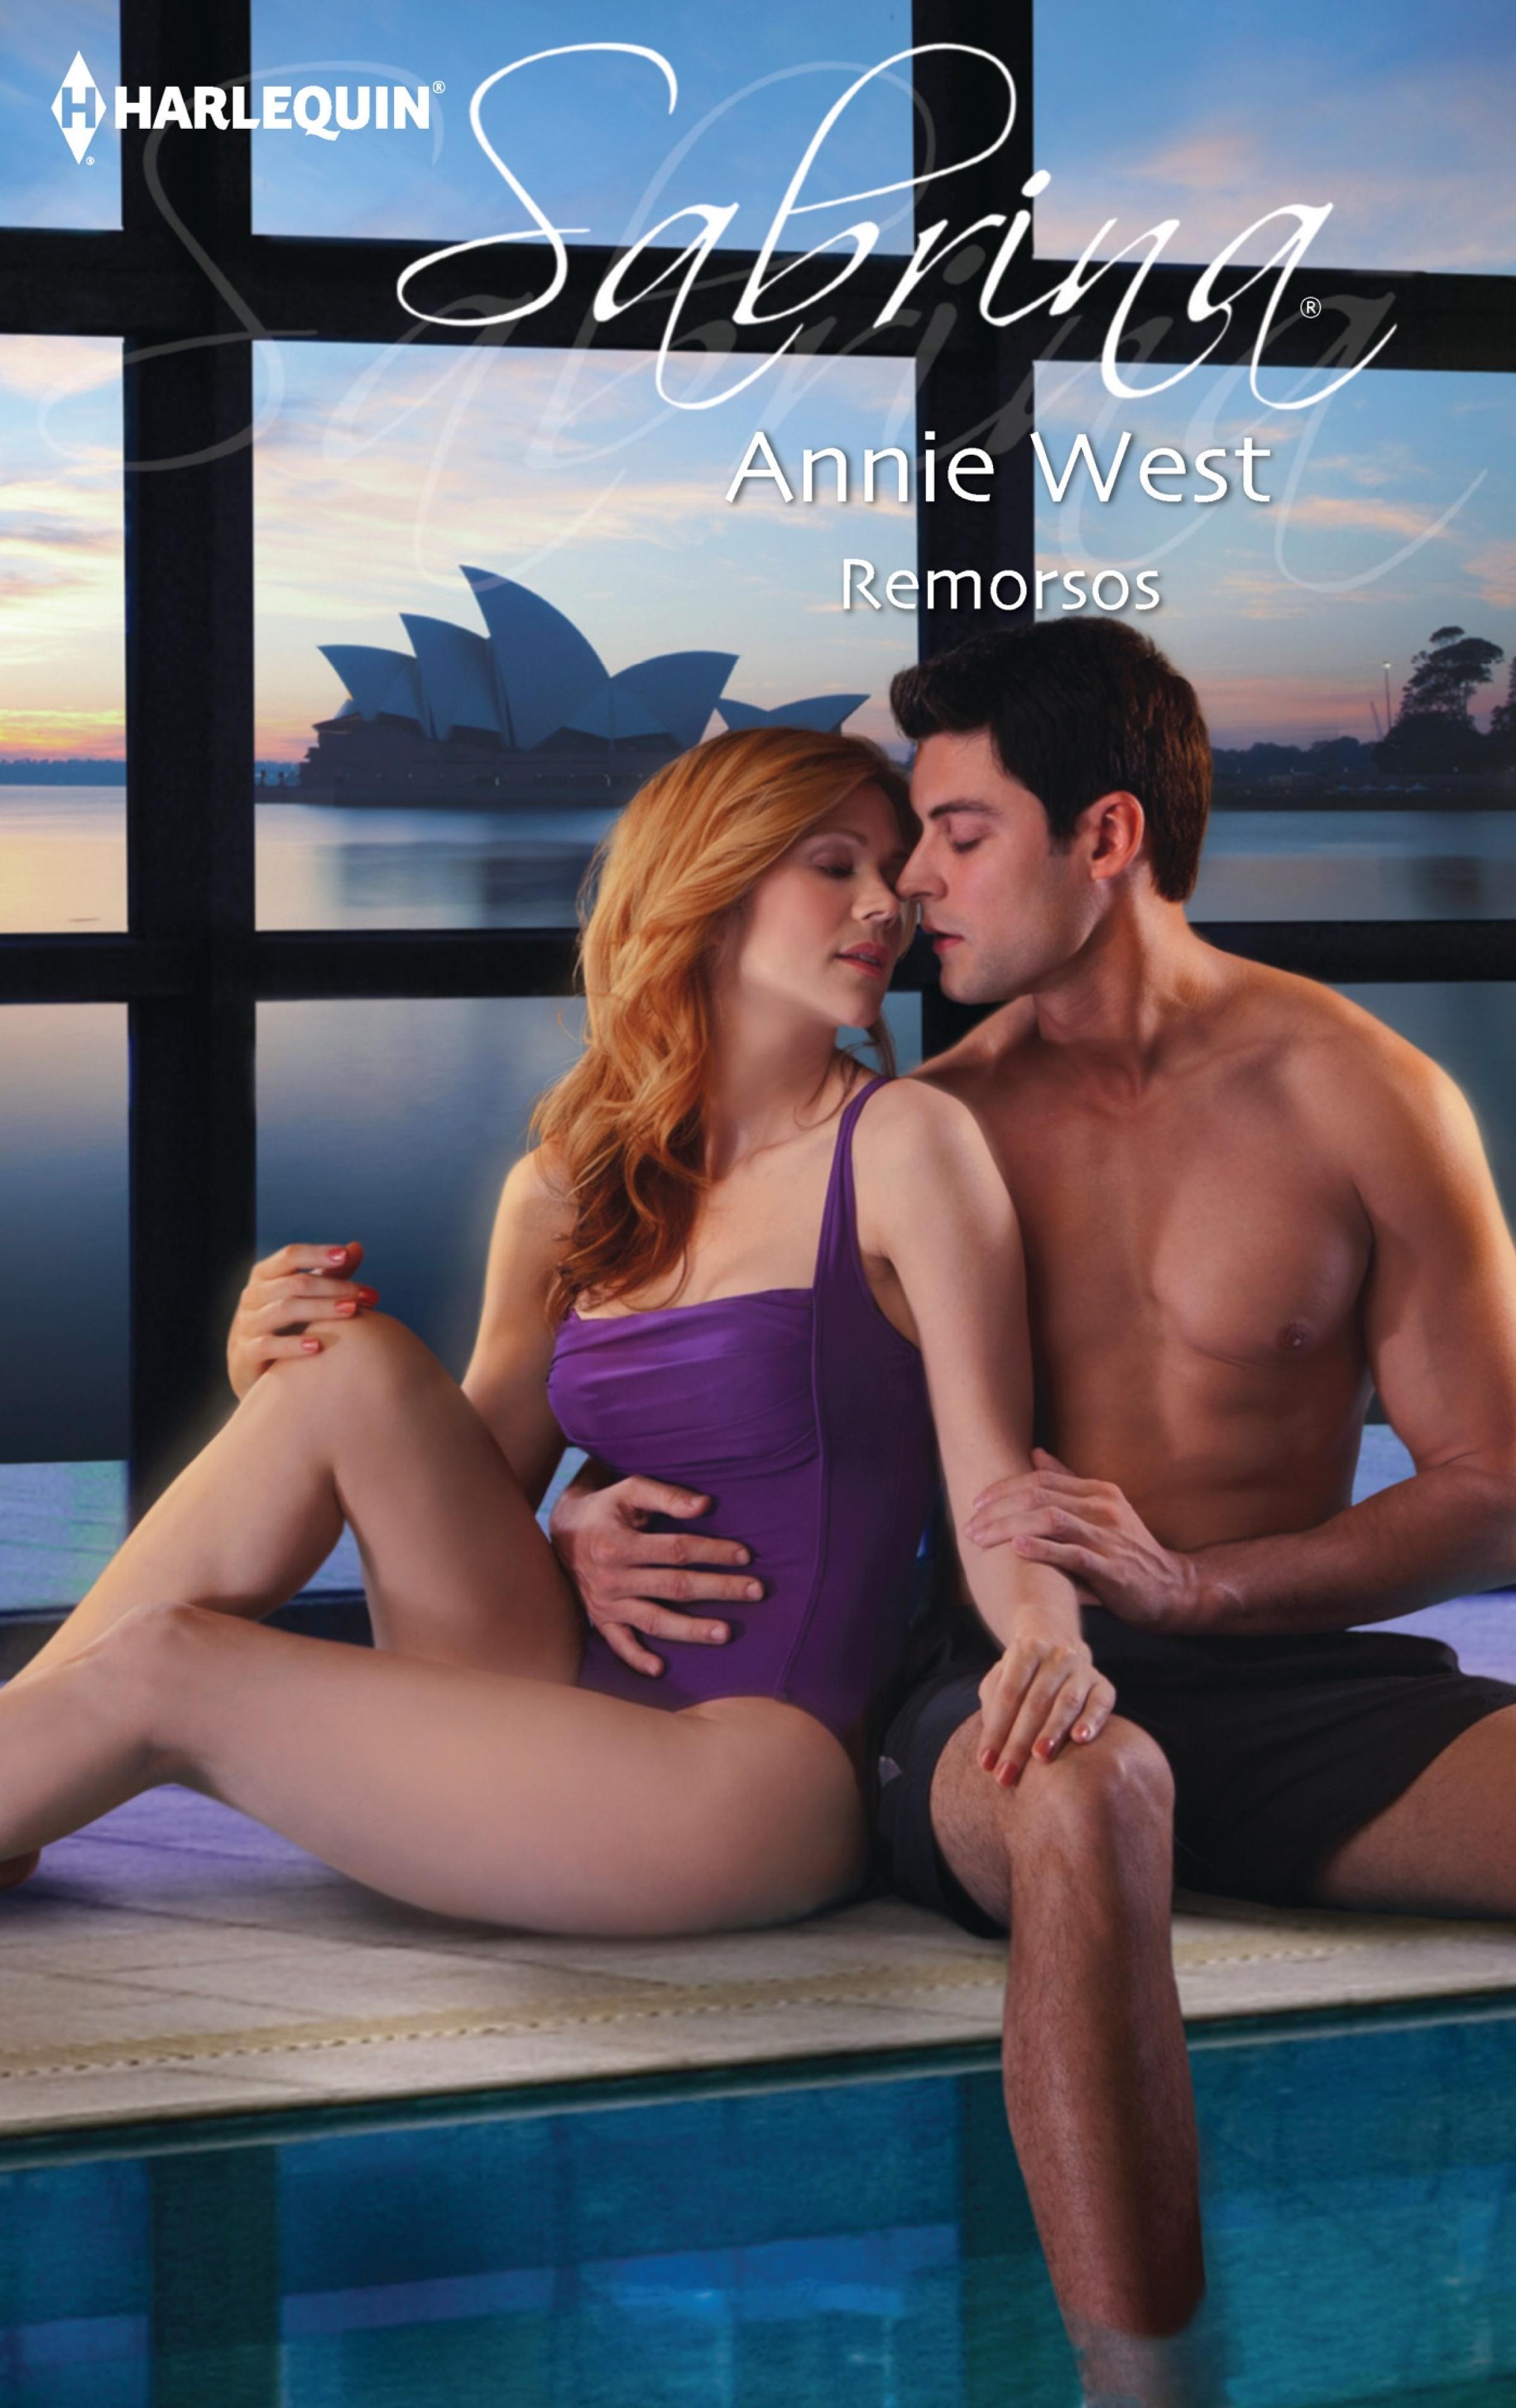 Annie West Remorsos annie west defying her desert duty